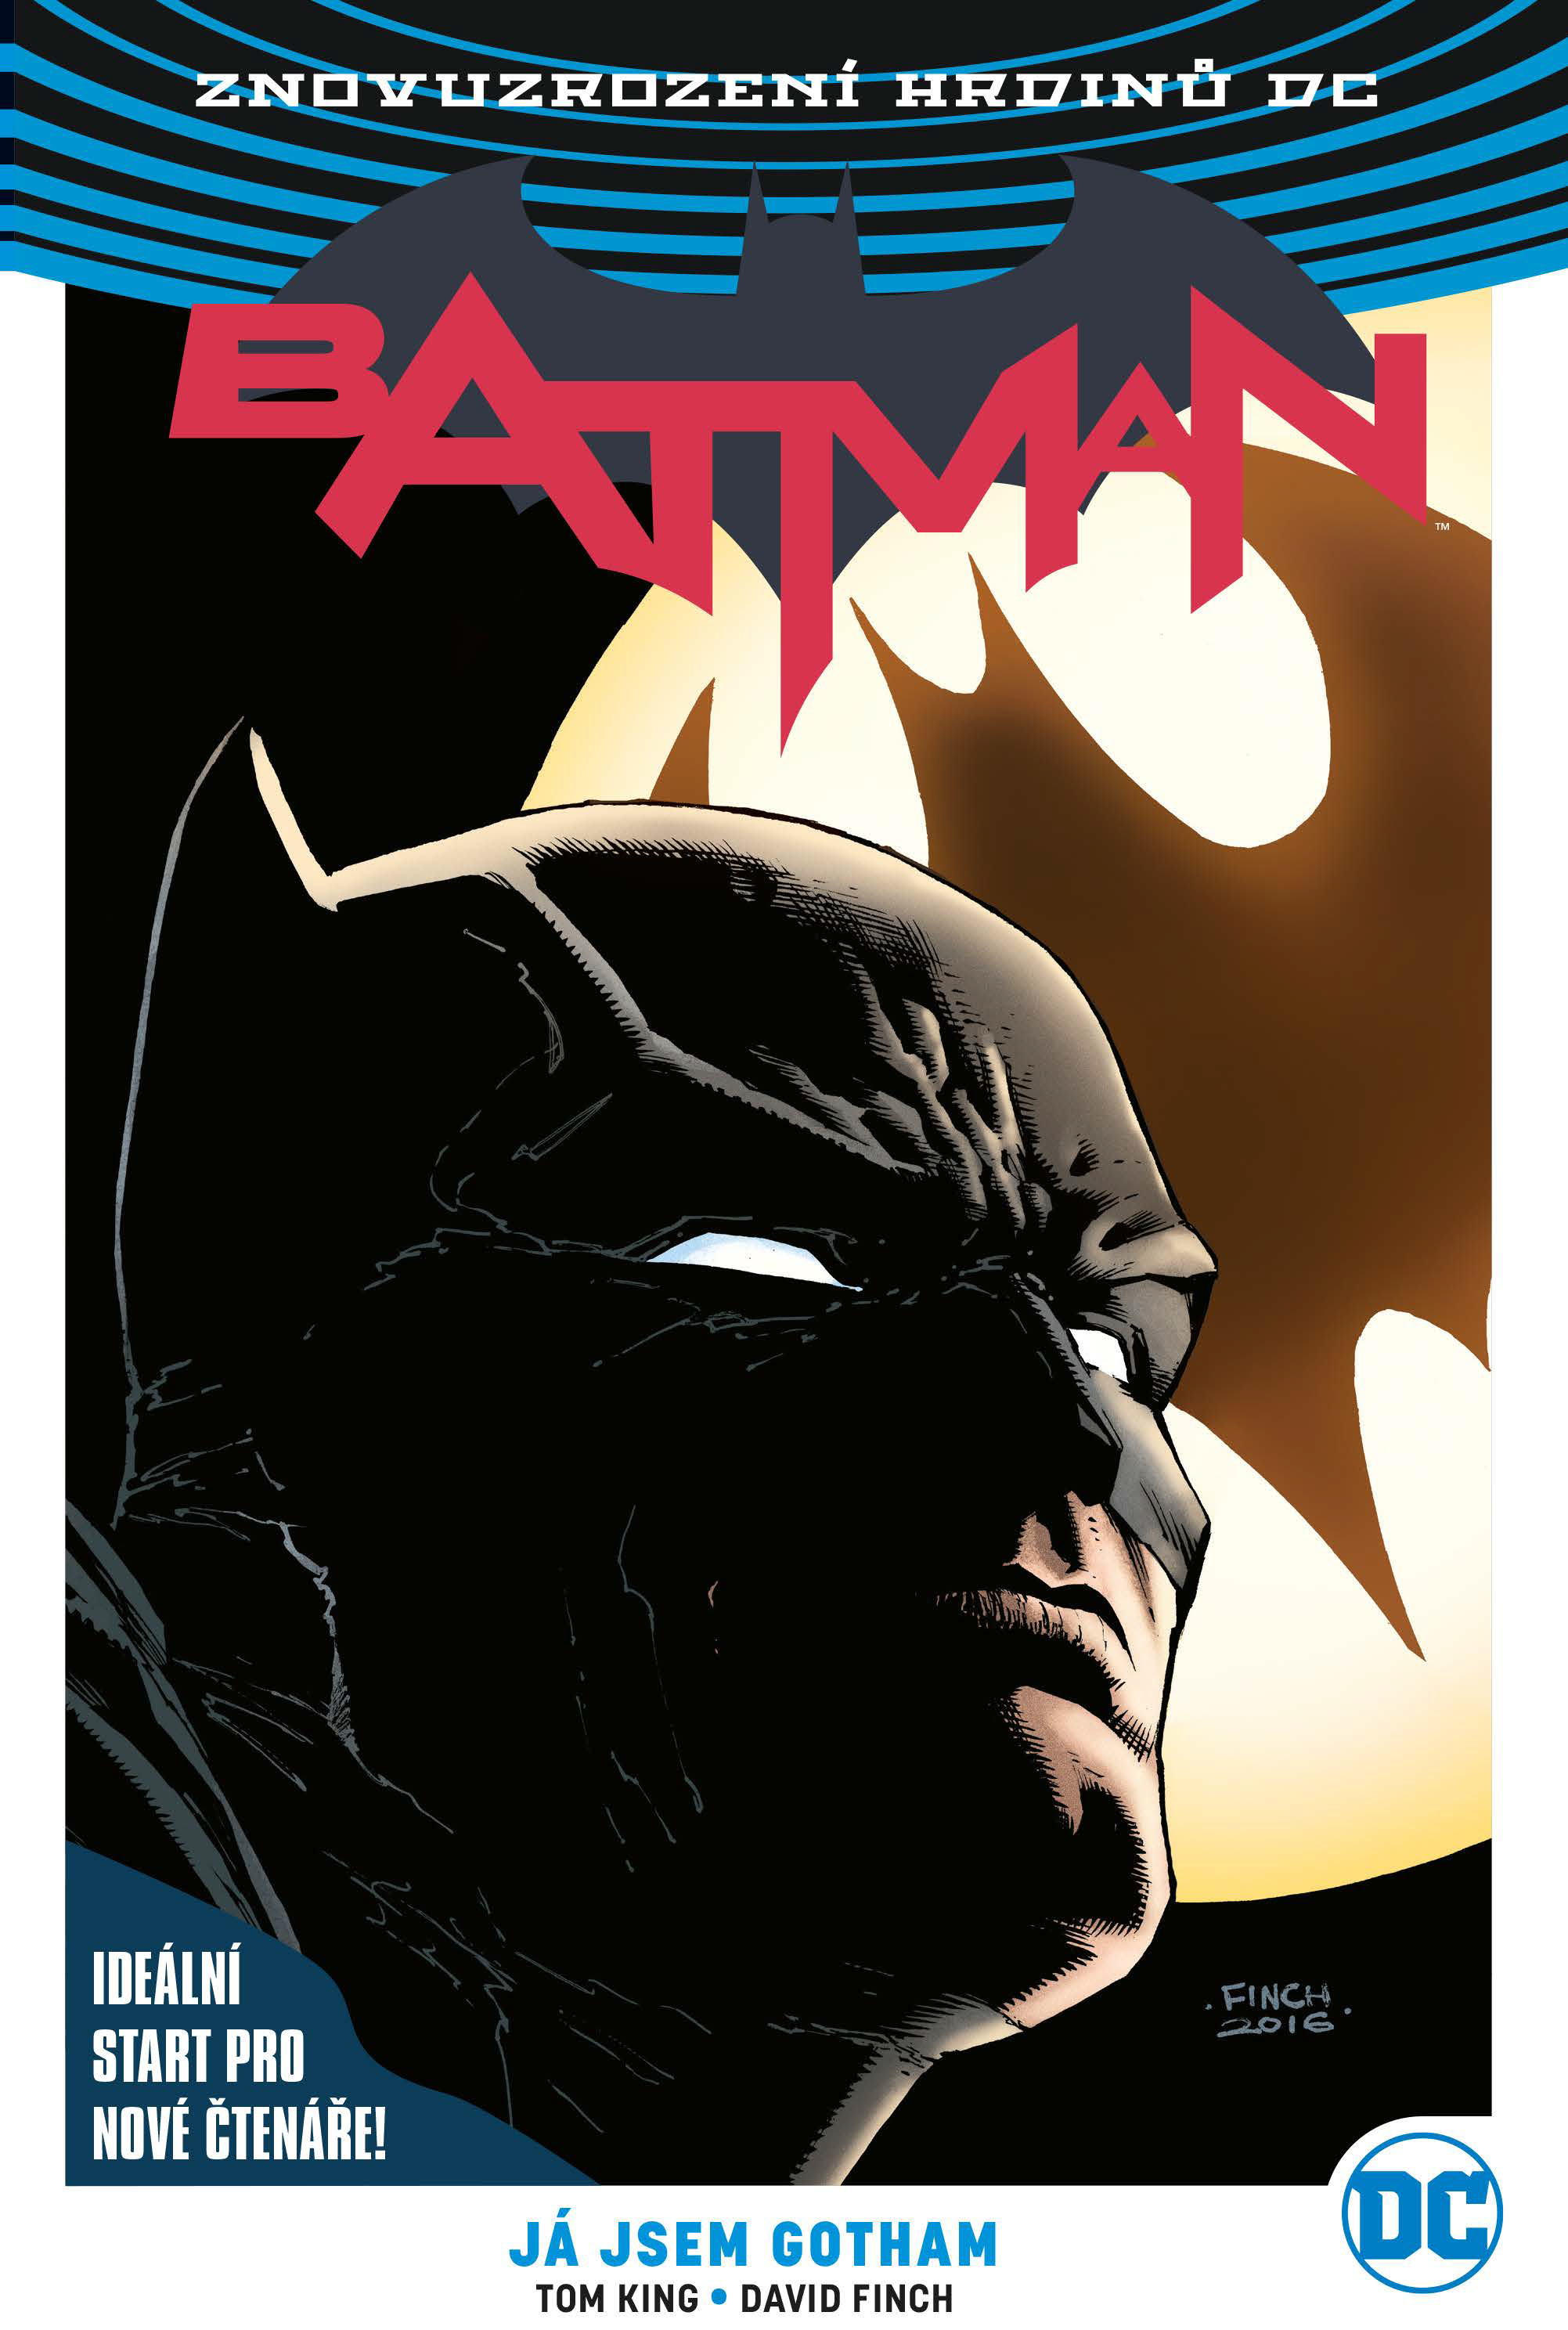 Nové začátky netopýra. Batman a Gotham jedno jsou!